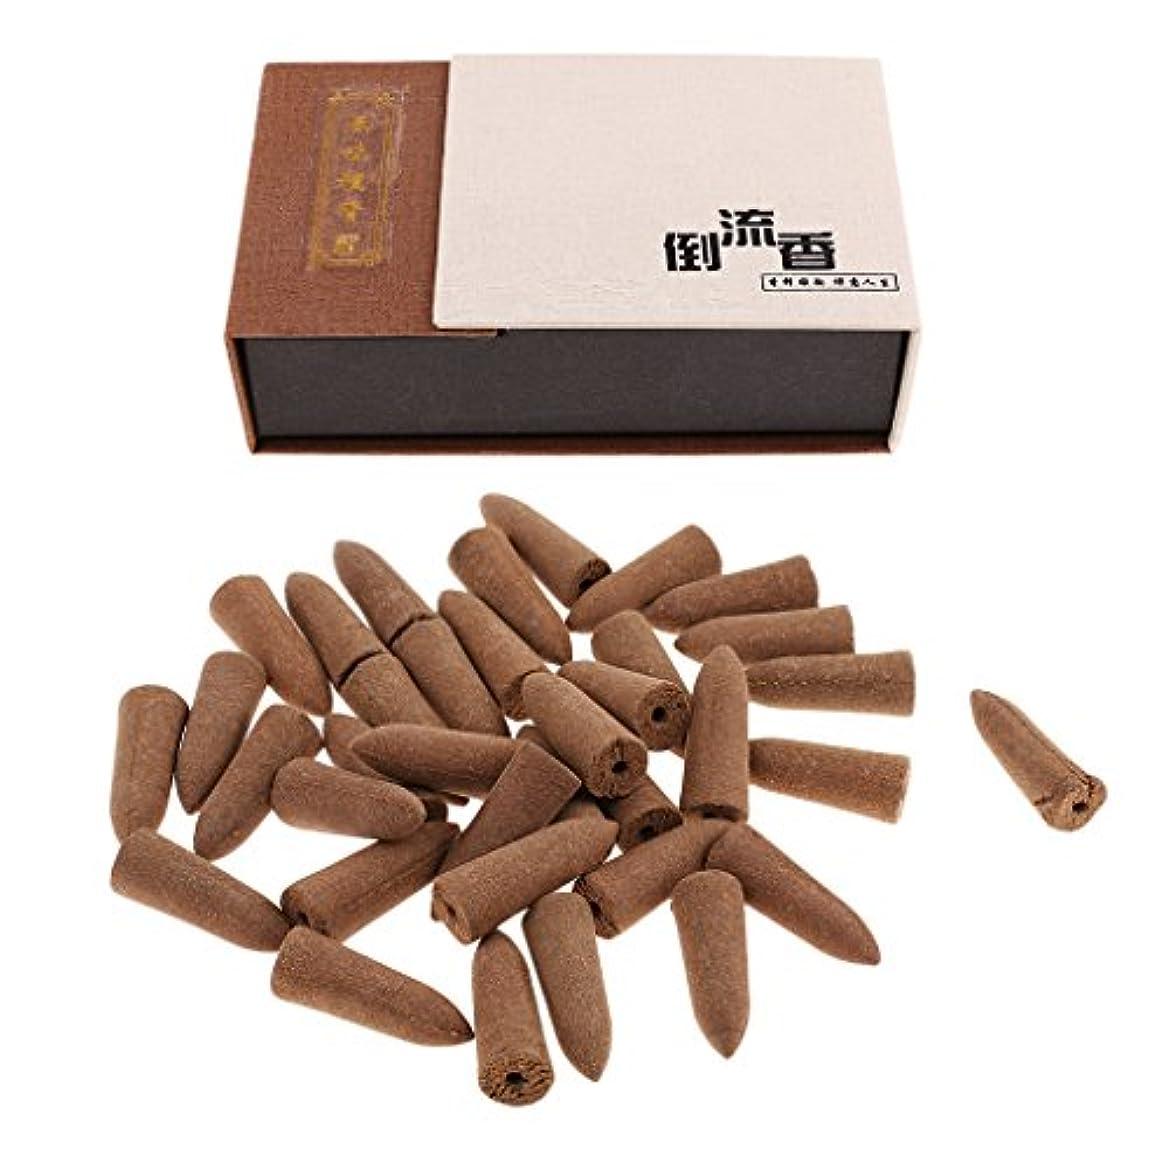 真実ランダムアドバンテージSunniMix お香 逆流香 コーン 20分間 36個セット 4種選択  仏壇 香炉  - アガーウッド